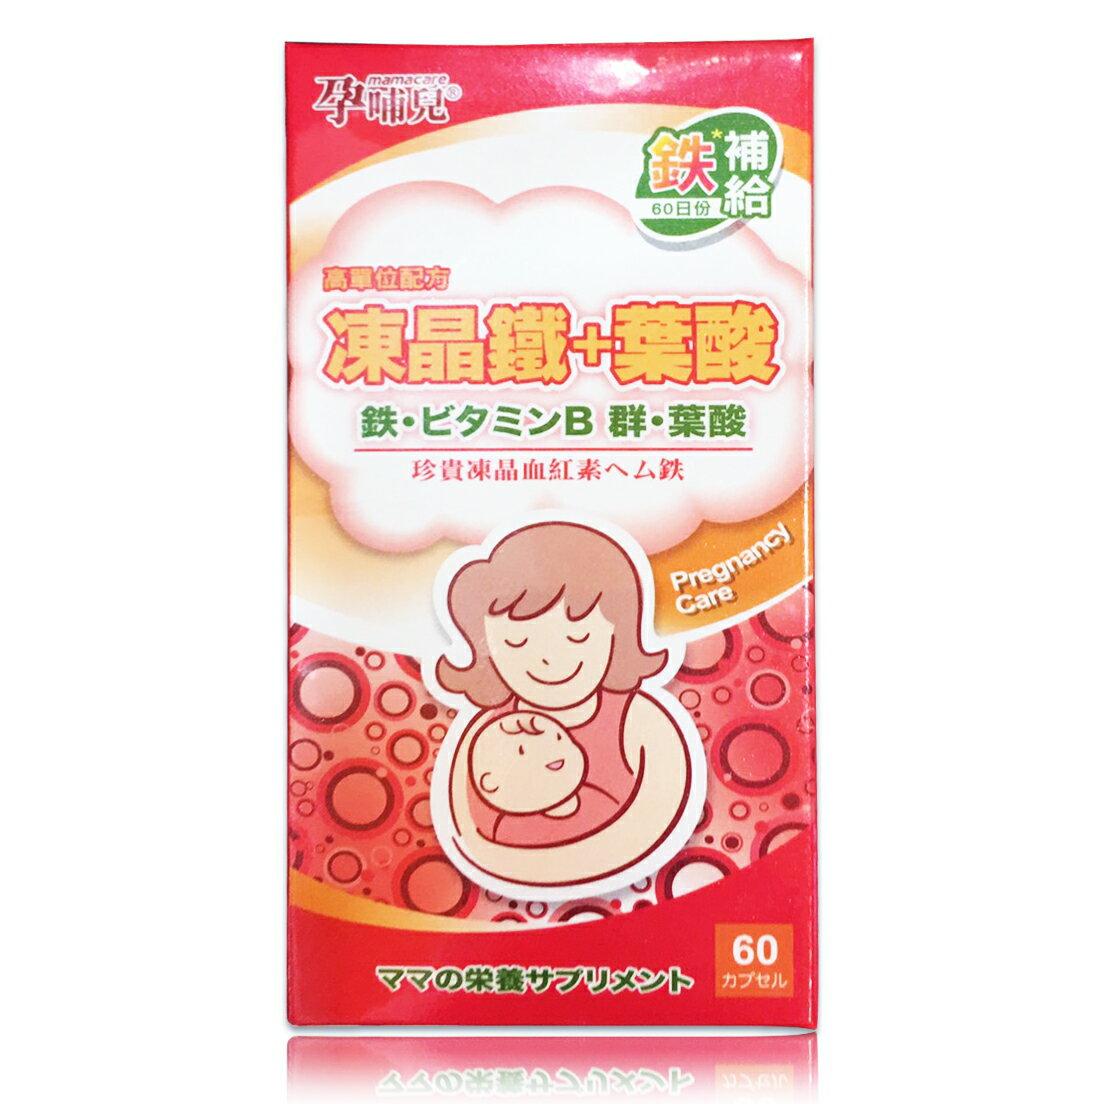 mamacare 孕哺兒 高單位凍晶鐵+葉酸 膠囊60粒 批號已割除 2020/09 原天然凍晶血紅素鐵膠囊 (葉酸+B群+血紅素鐵)PG美妝